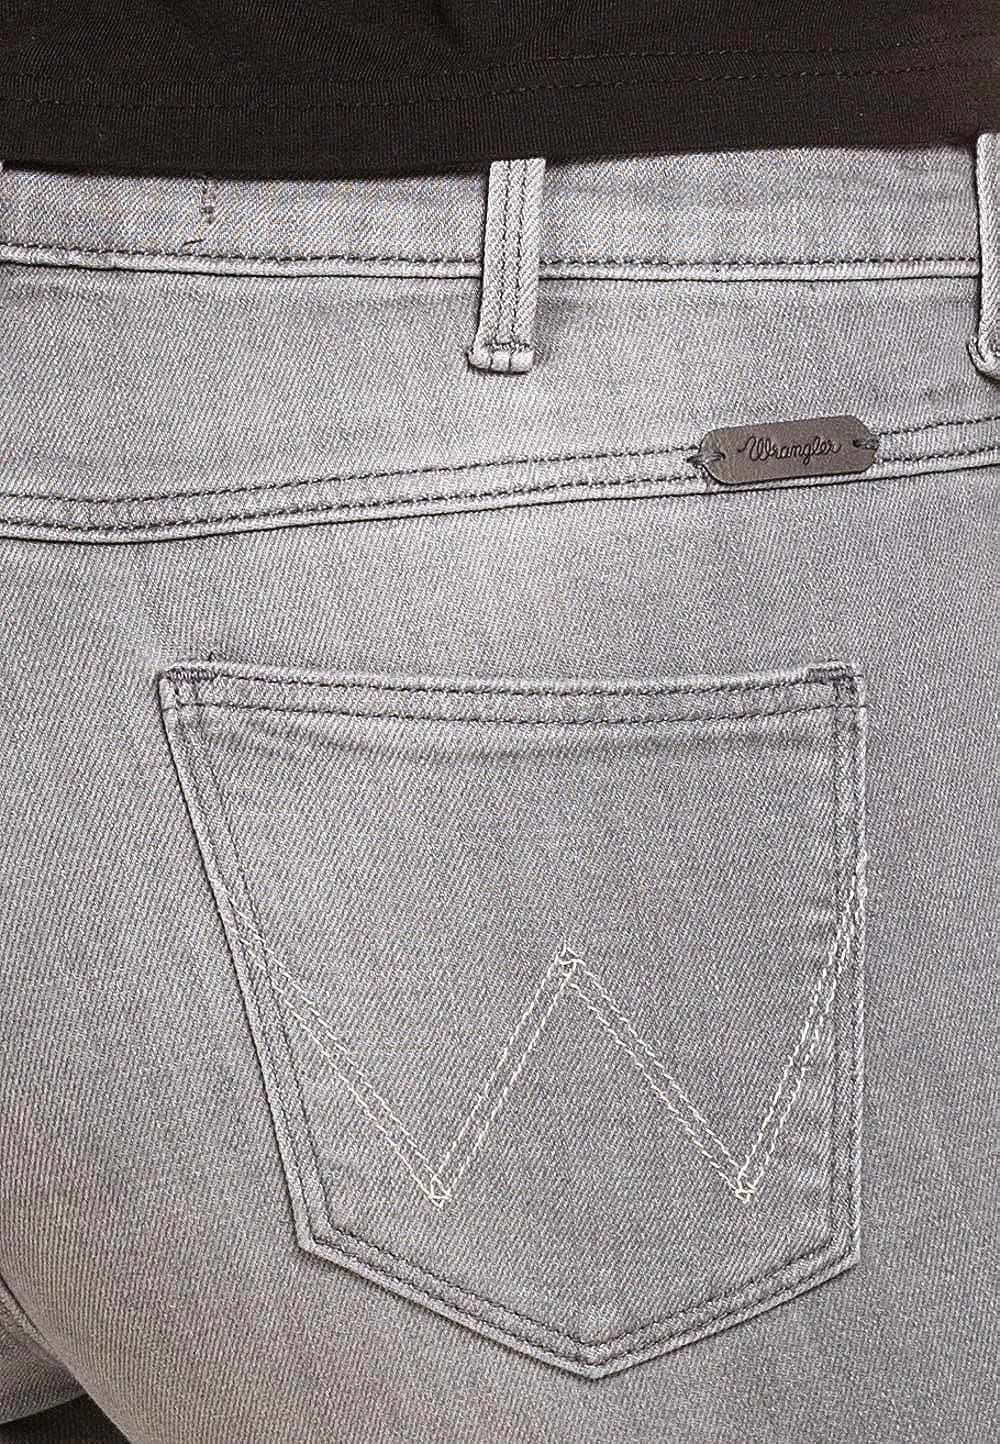 f8fca96031 Wrangler - Jeans - Femme - Gris - 27W x 34L: Amazon.fr: Vêtements et  accessoires